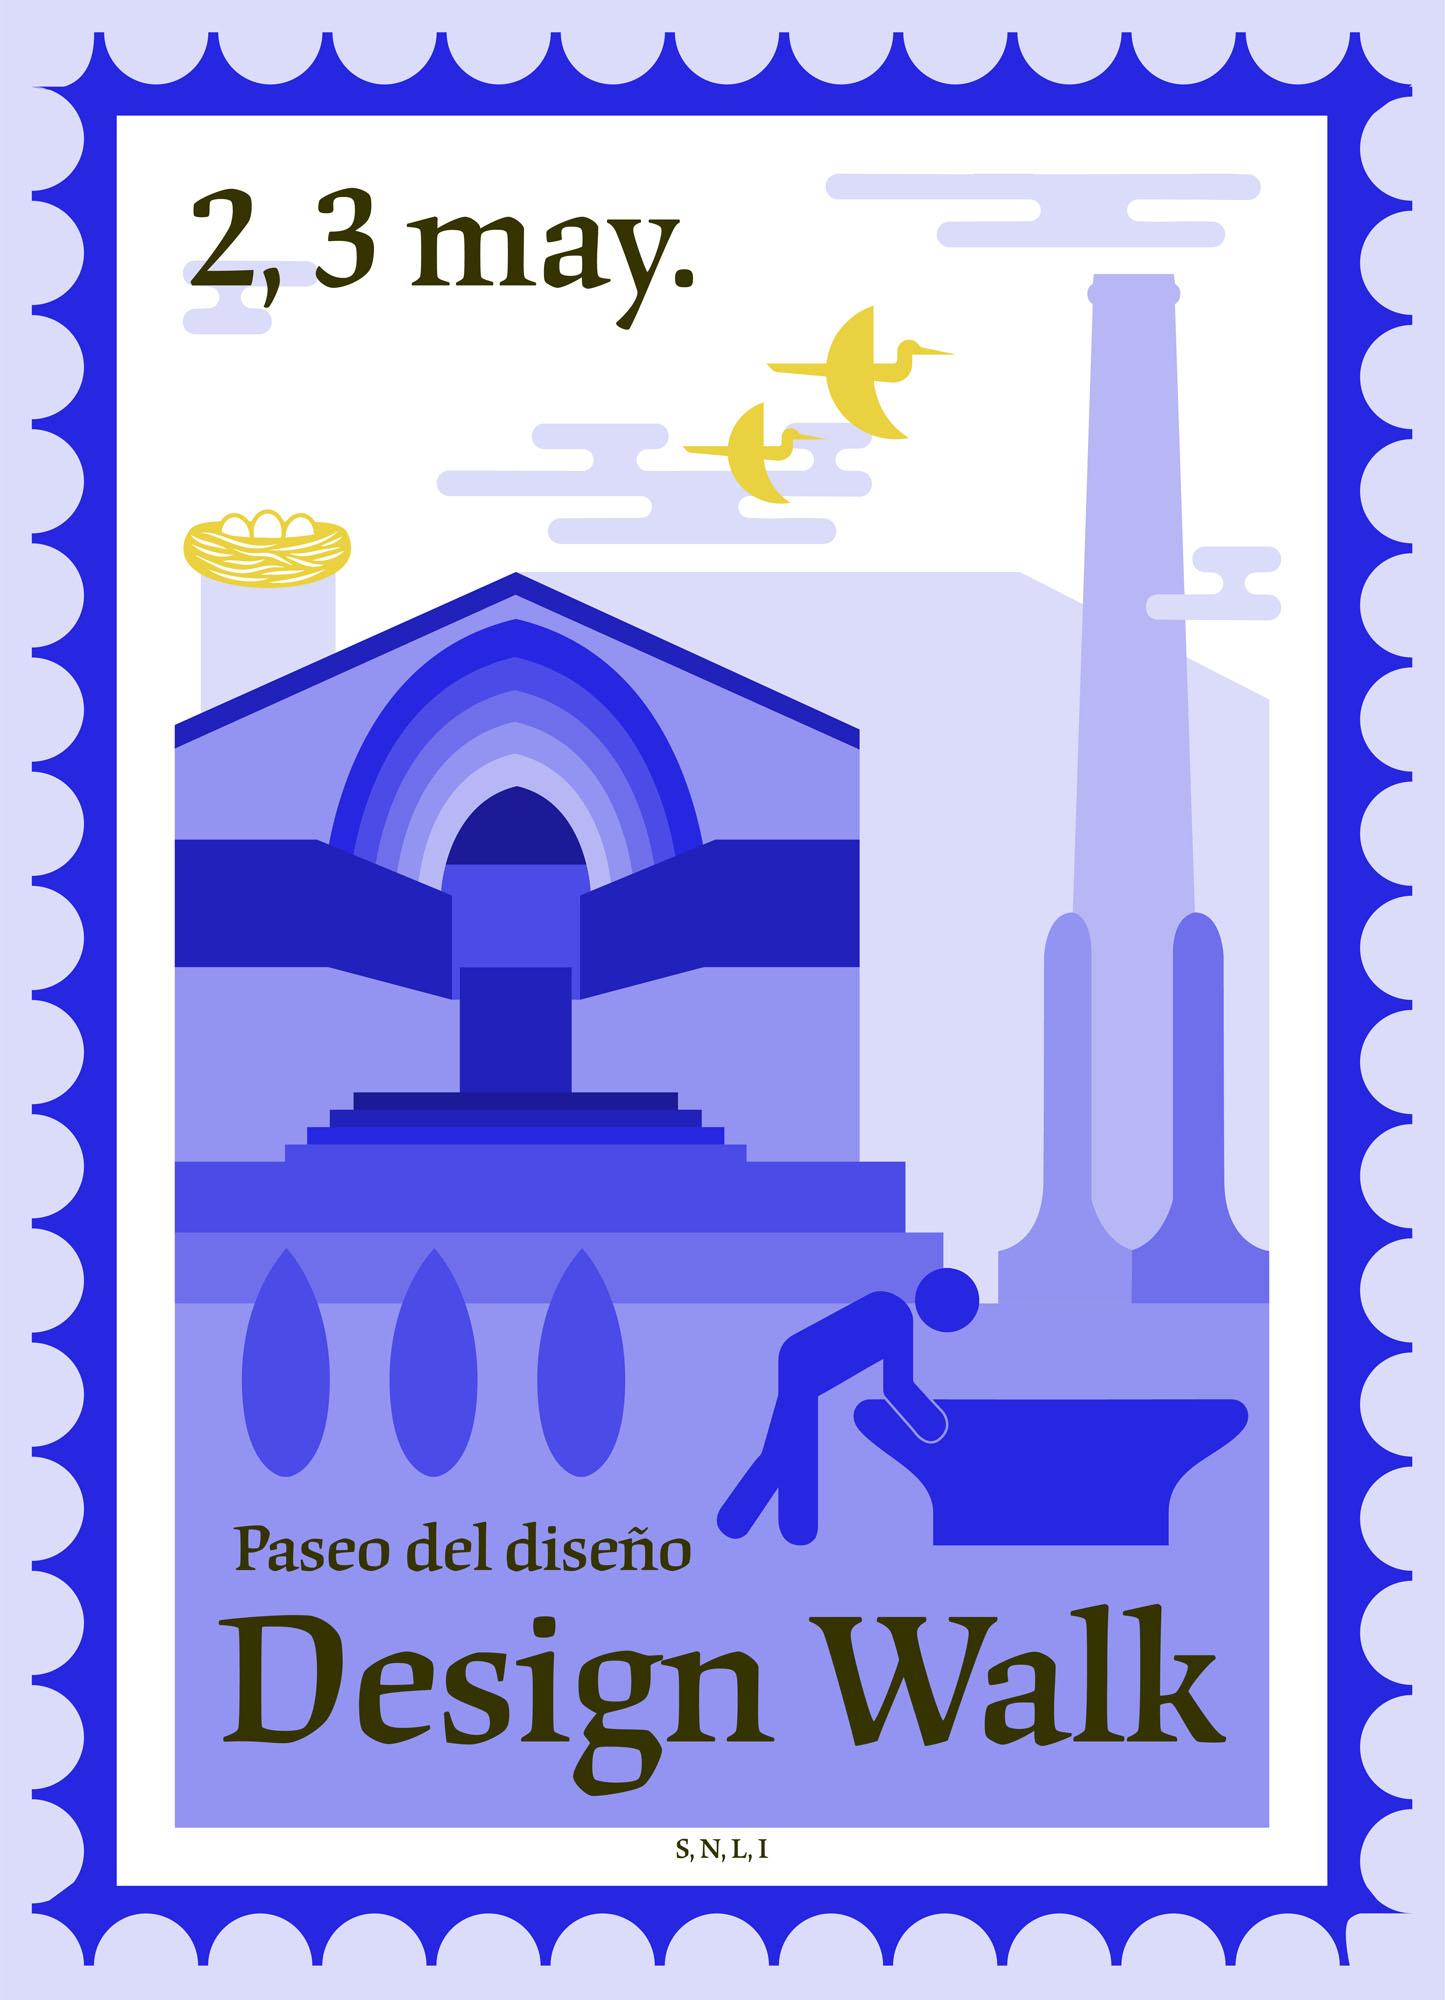 Otras Propuestas para la Gráfica del Design Walk '19